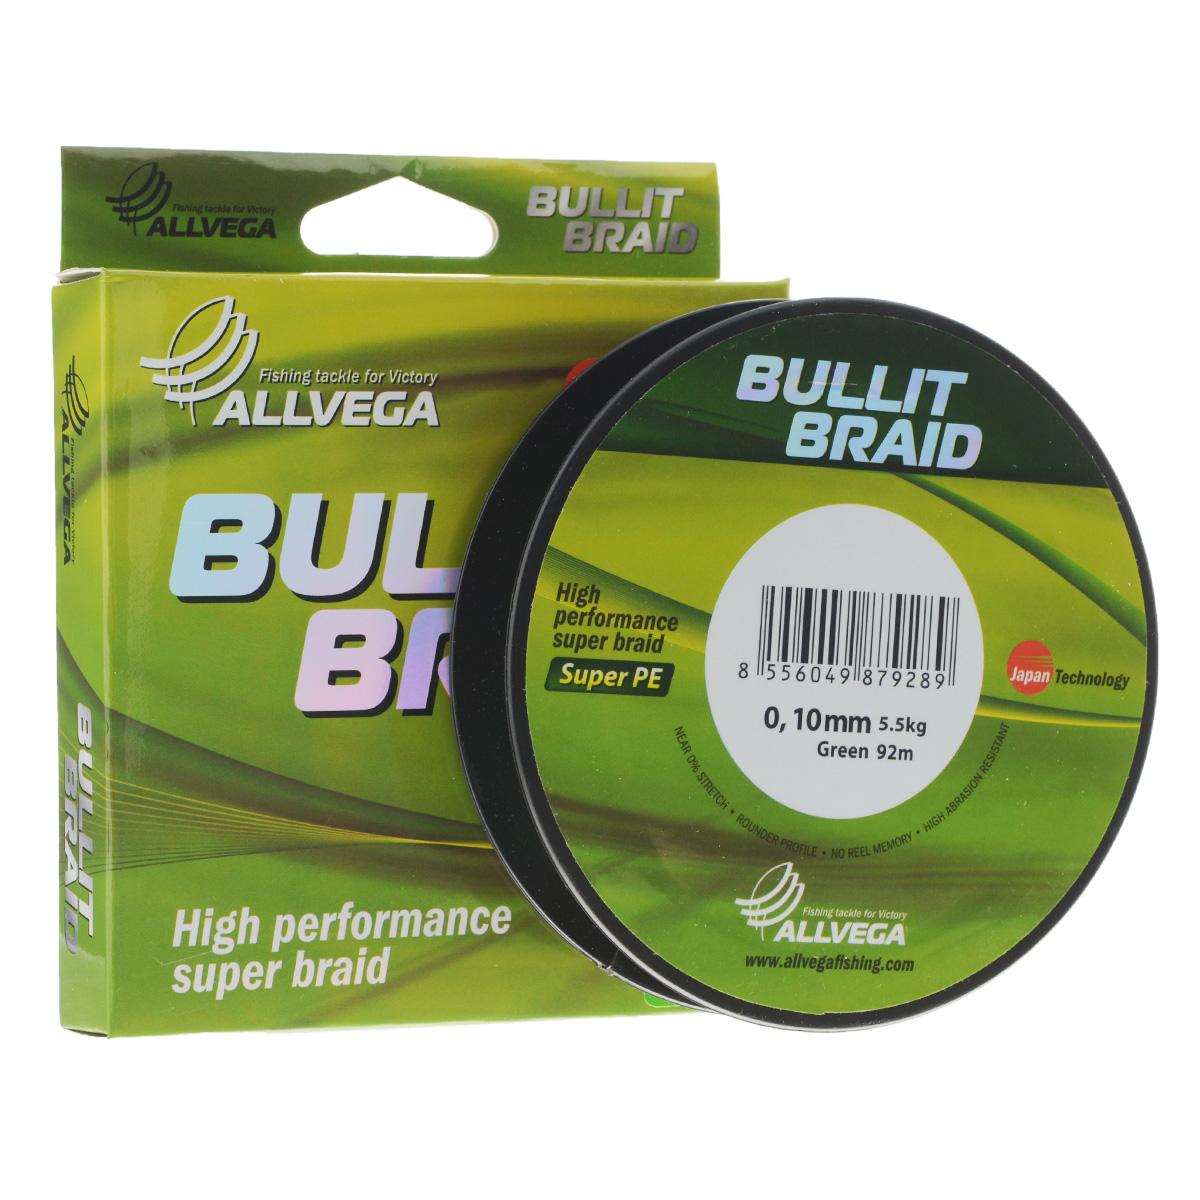 Леска плетеная Allvega Bullit Braid, цвет: темно-зеленый, 92 м, 0,10 мм, 5,5 кг21419Леска Allvega Bullit Braid с гладкой поверхностью и одинаковым сечением по всей длине обладает высокой износостойкостью. Благодаря микроволокнам полиэтилена (Super PE) леска имеет очень плотное плетение и не впитывает воду. Леску Allvega Bullit Braid можно применять в любых типах водоемов. Особенности:- повышенная износостойкость;- высокая чувствительность - коэффициент растяжения близок к нулю;- отсутствует память;- идеально гладкая поверхность позволяет увеличить дальность забросов;- высокая прочность шнура на узлах.